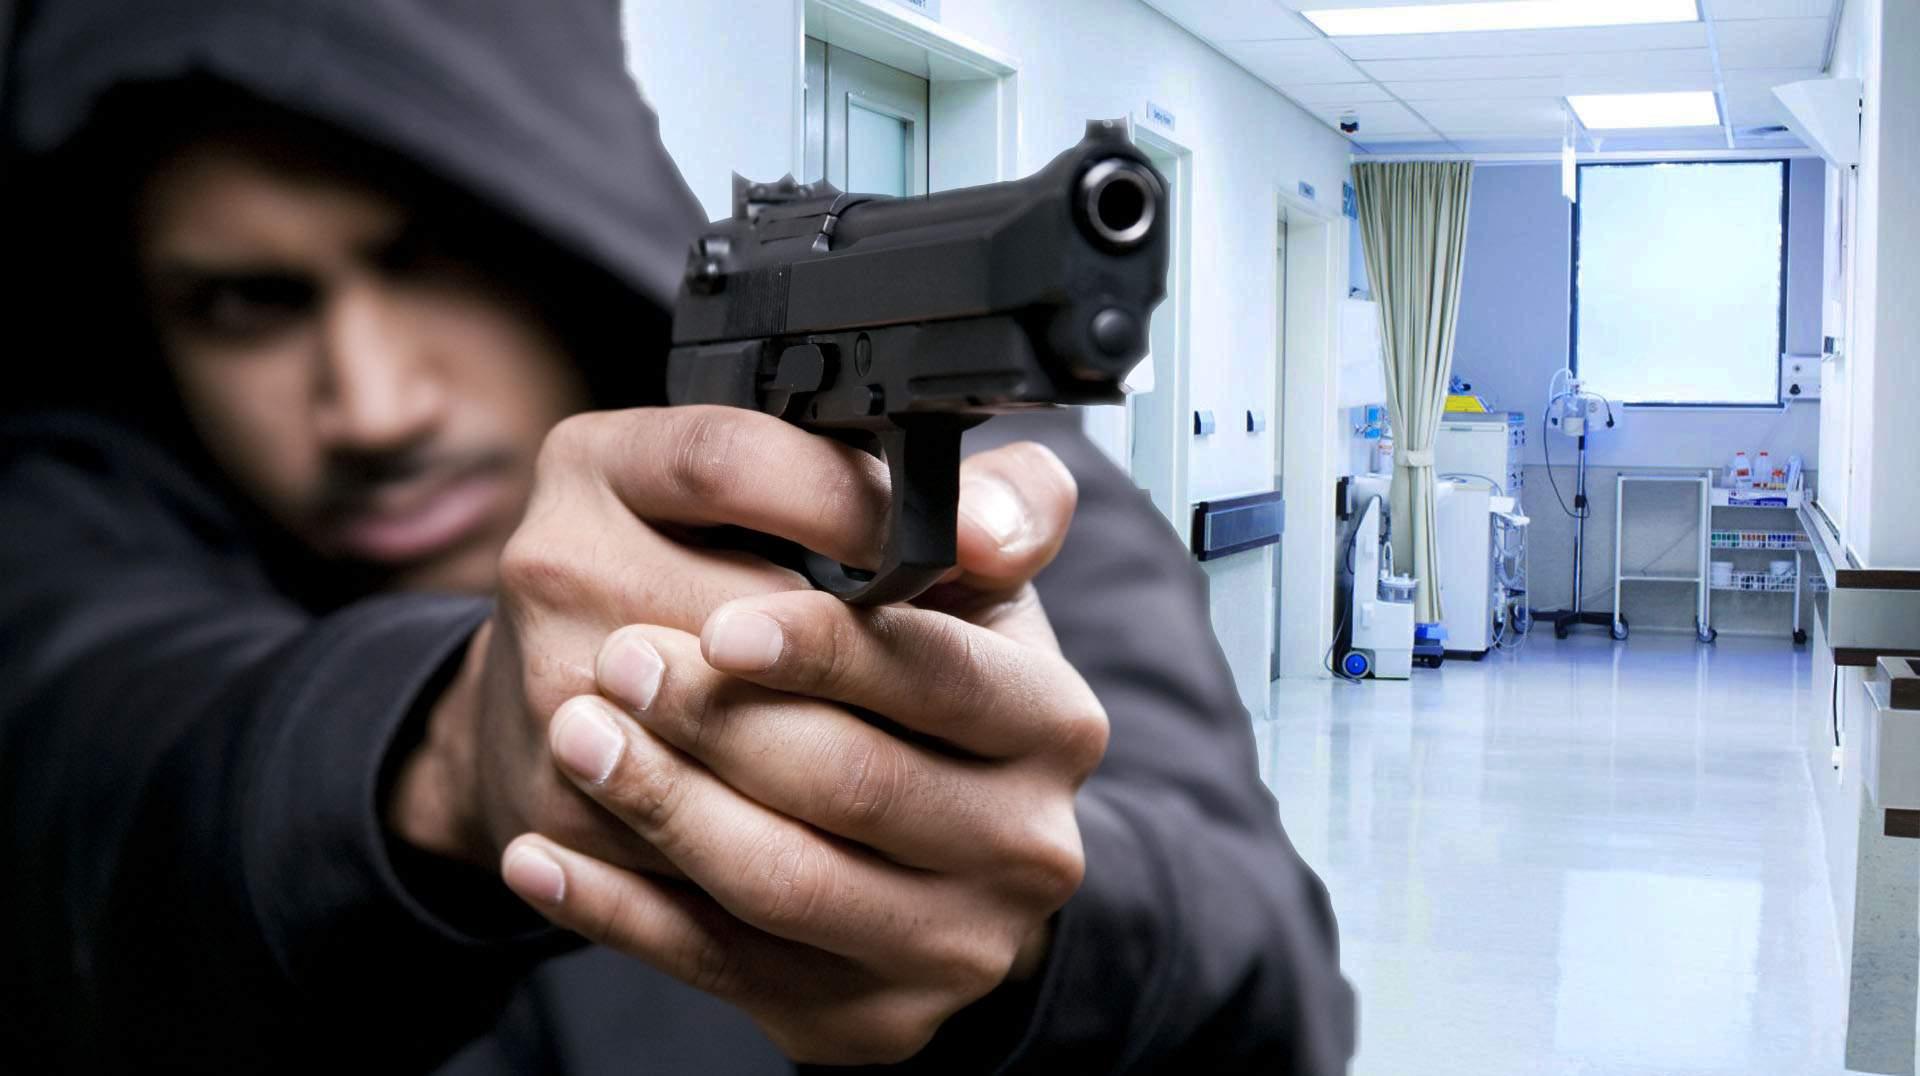 В больнице в Чехии неизвестный открыл стрельбу